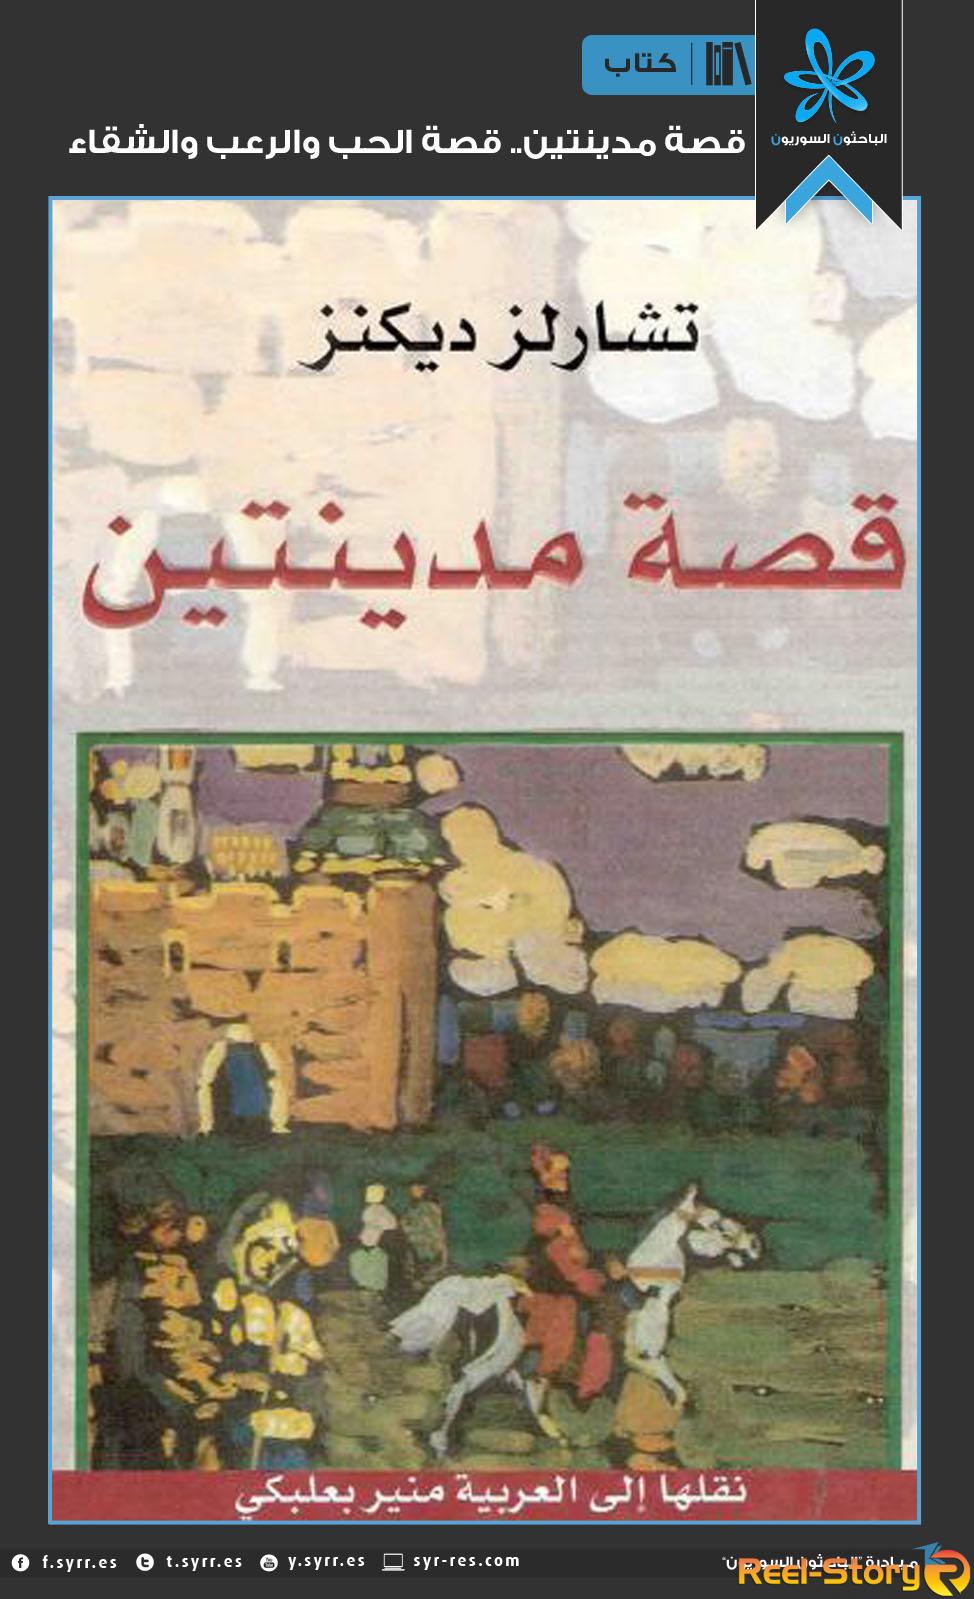 تحميل كتاب قصة مدينتين pdf تأليف تشارلز ديكنز